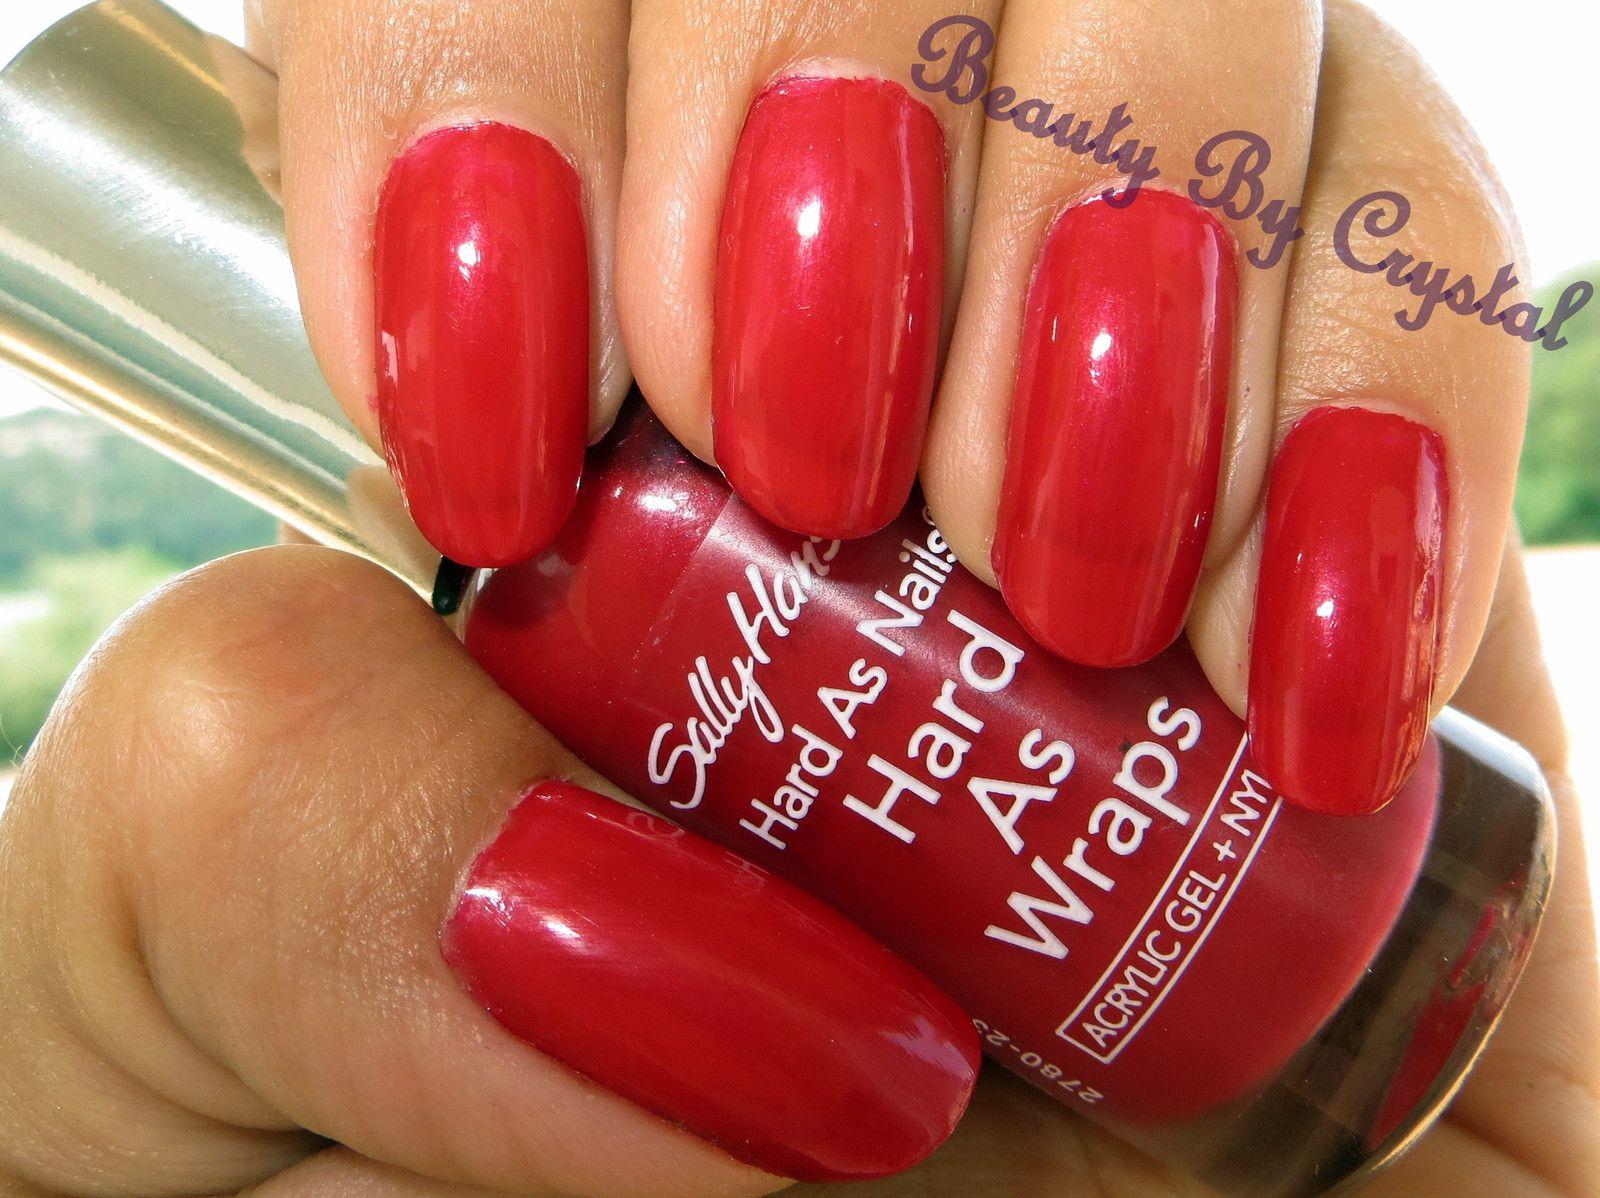 Sally Hansen Hard As Nails Polish- ROYAL RED CREME. The ...